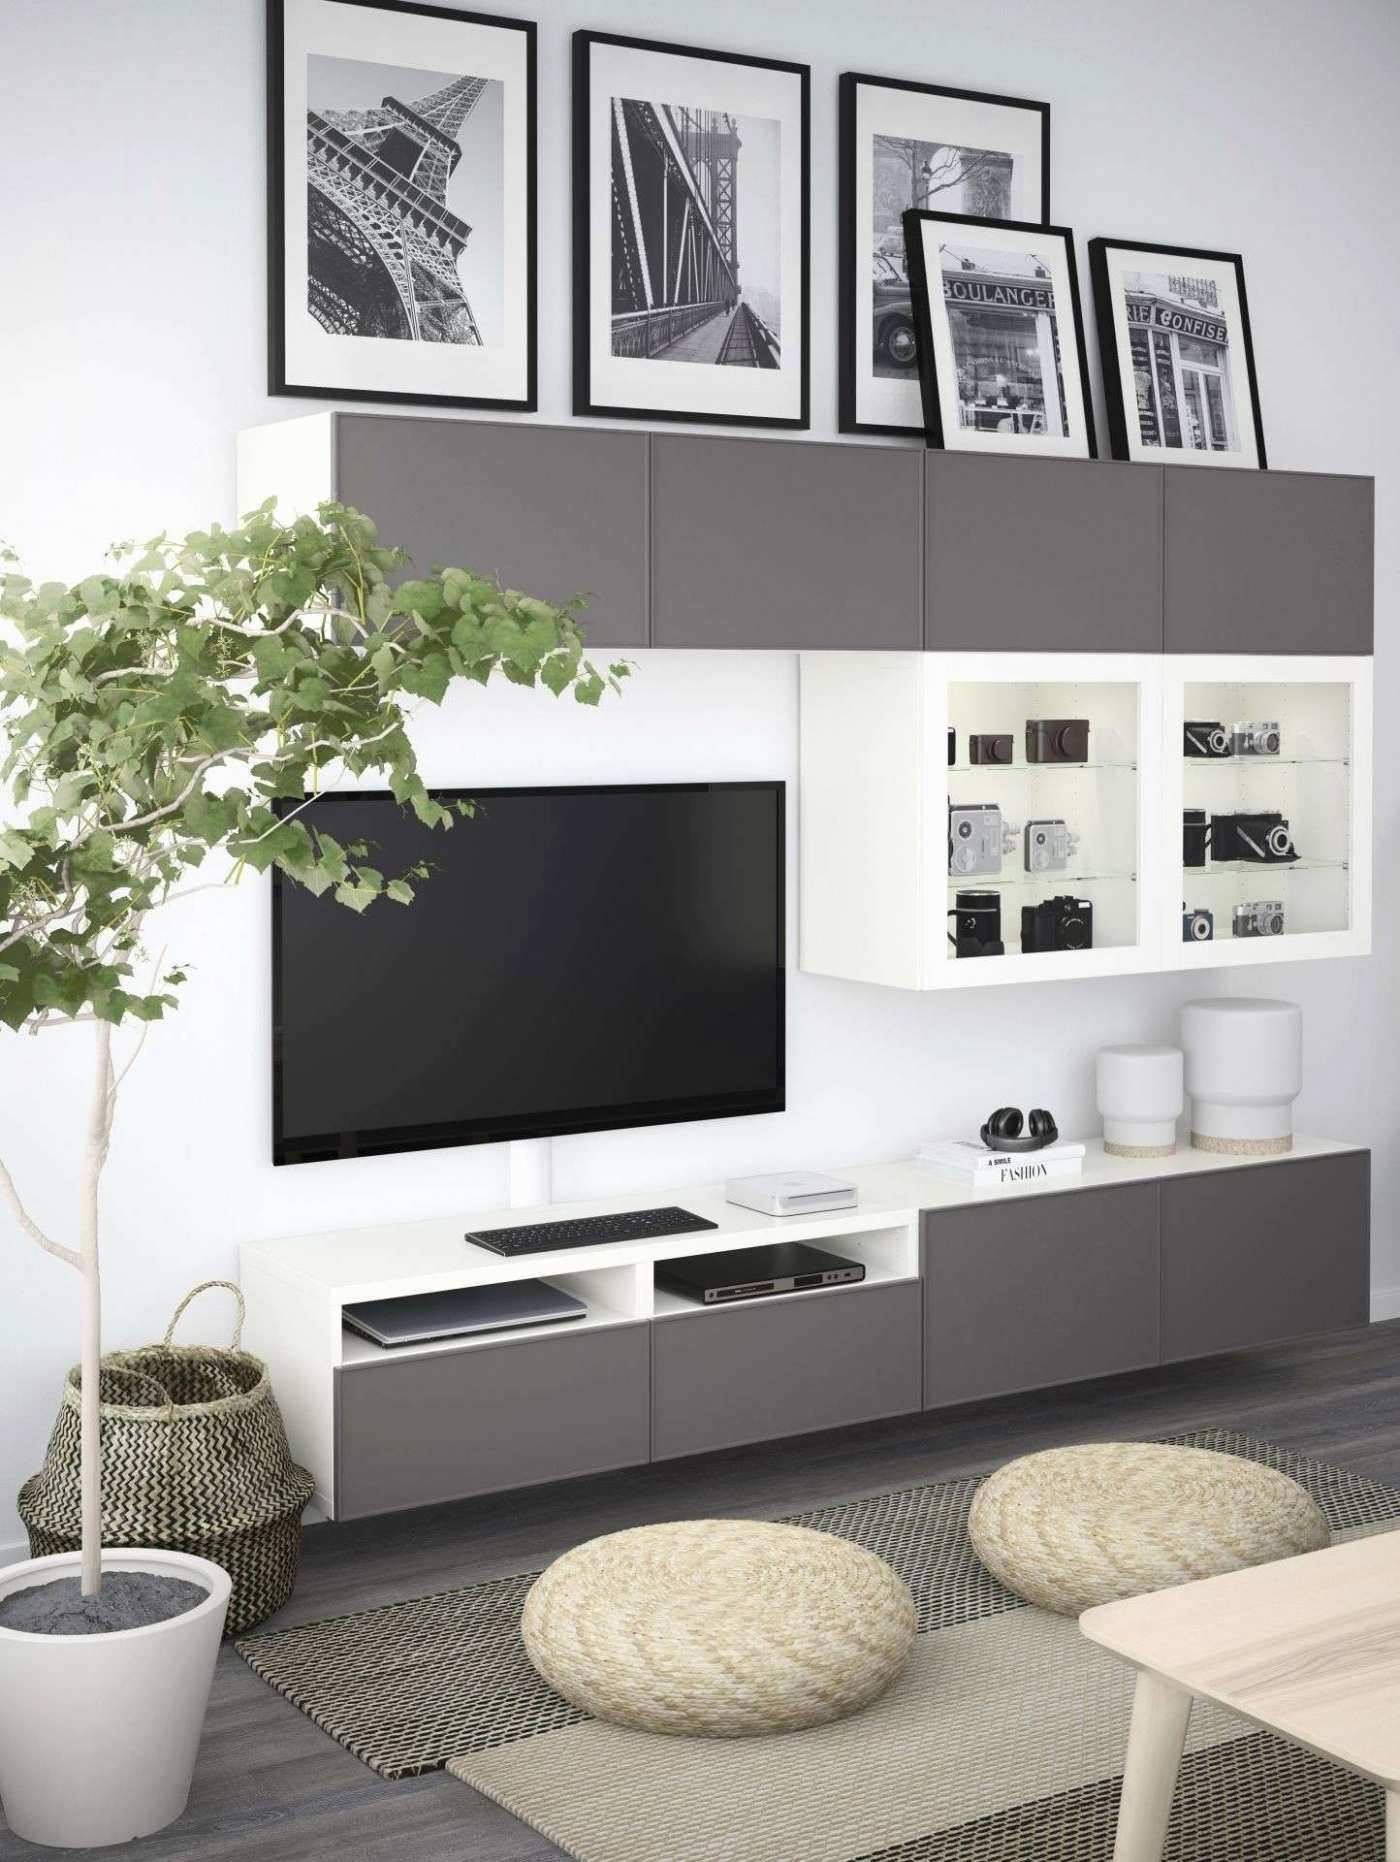 wohnzimmer dekoration reizend 55 genial deko ideen selbermachen wohnzimmer neu of wohnzimmer dekoration